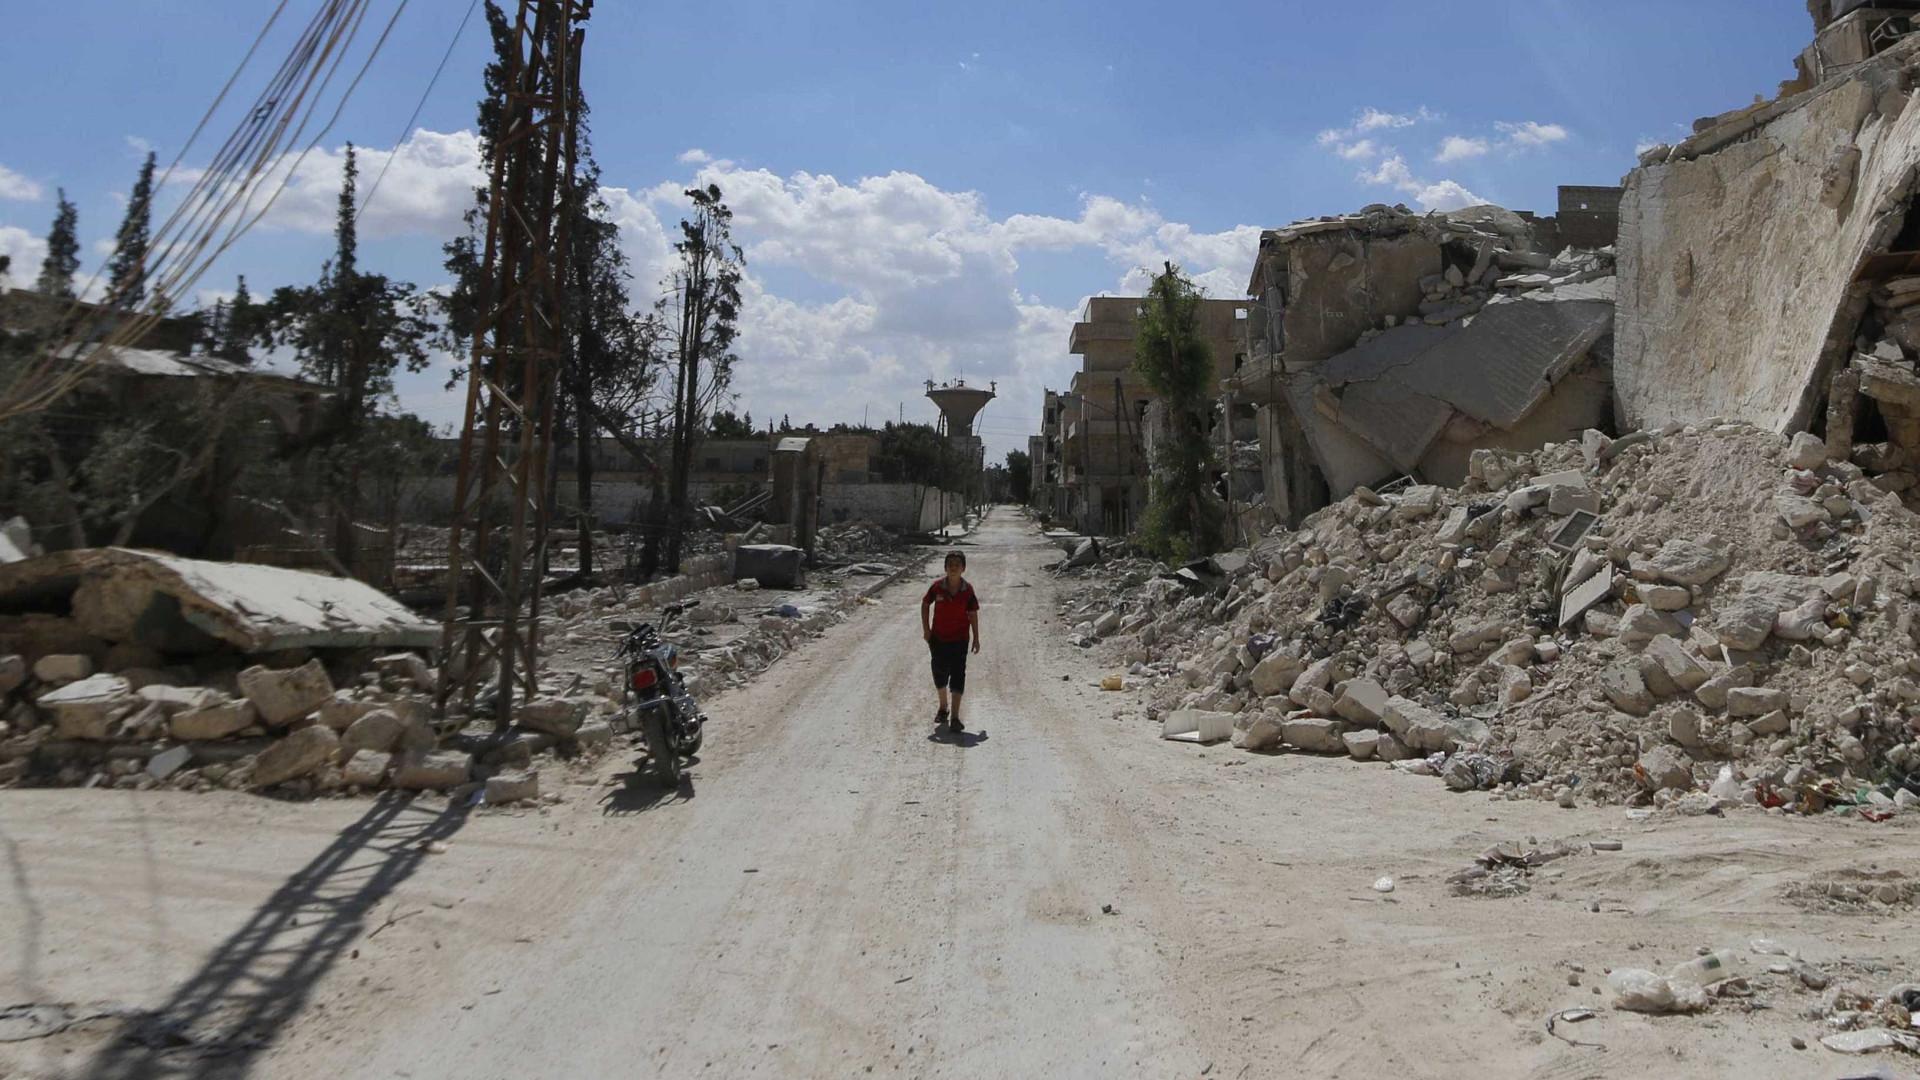 Síria: 28 civis mortos em vila dominada por rebeldes